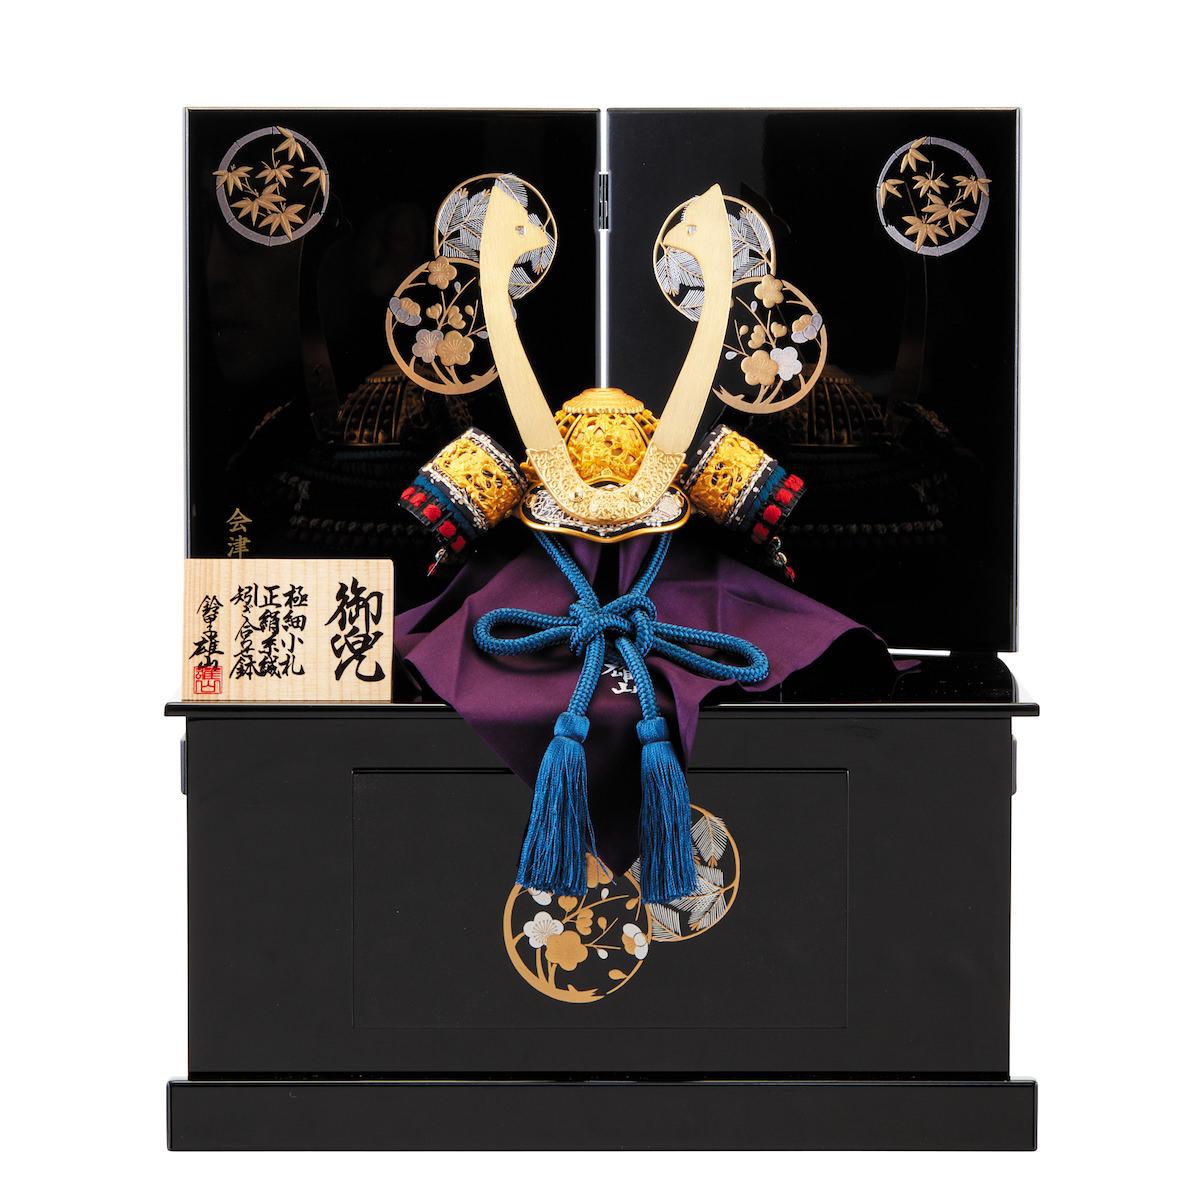 五月人形 男の子 五月人形 7号 黒小札縹裾濃威之兜 鈴甲子雄山作 送料無料